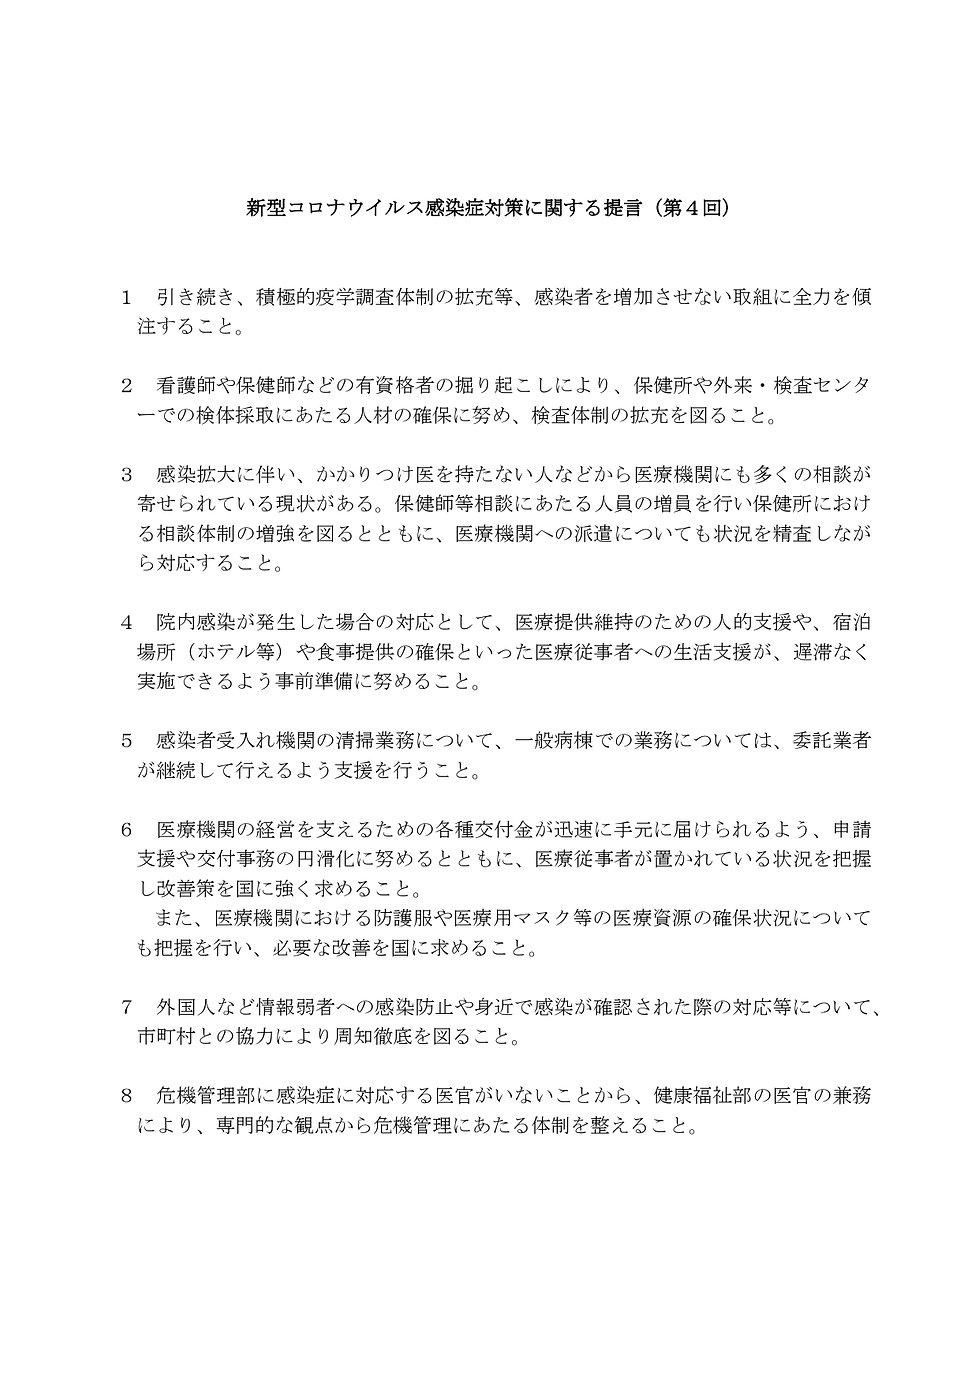 新型コロナ提言(第4回)(本文)_page-0001.jpg